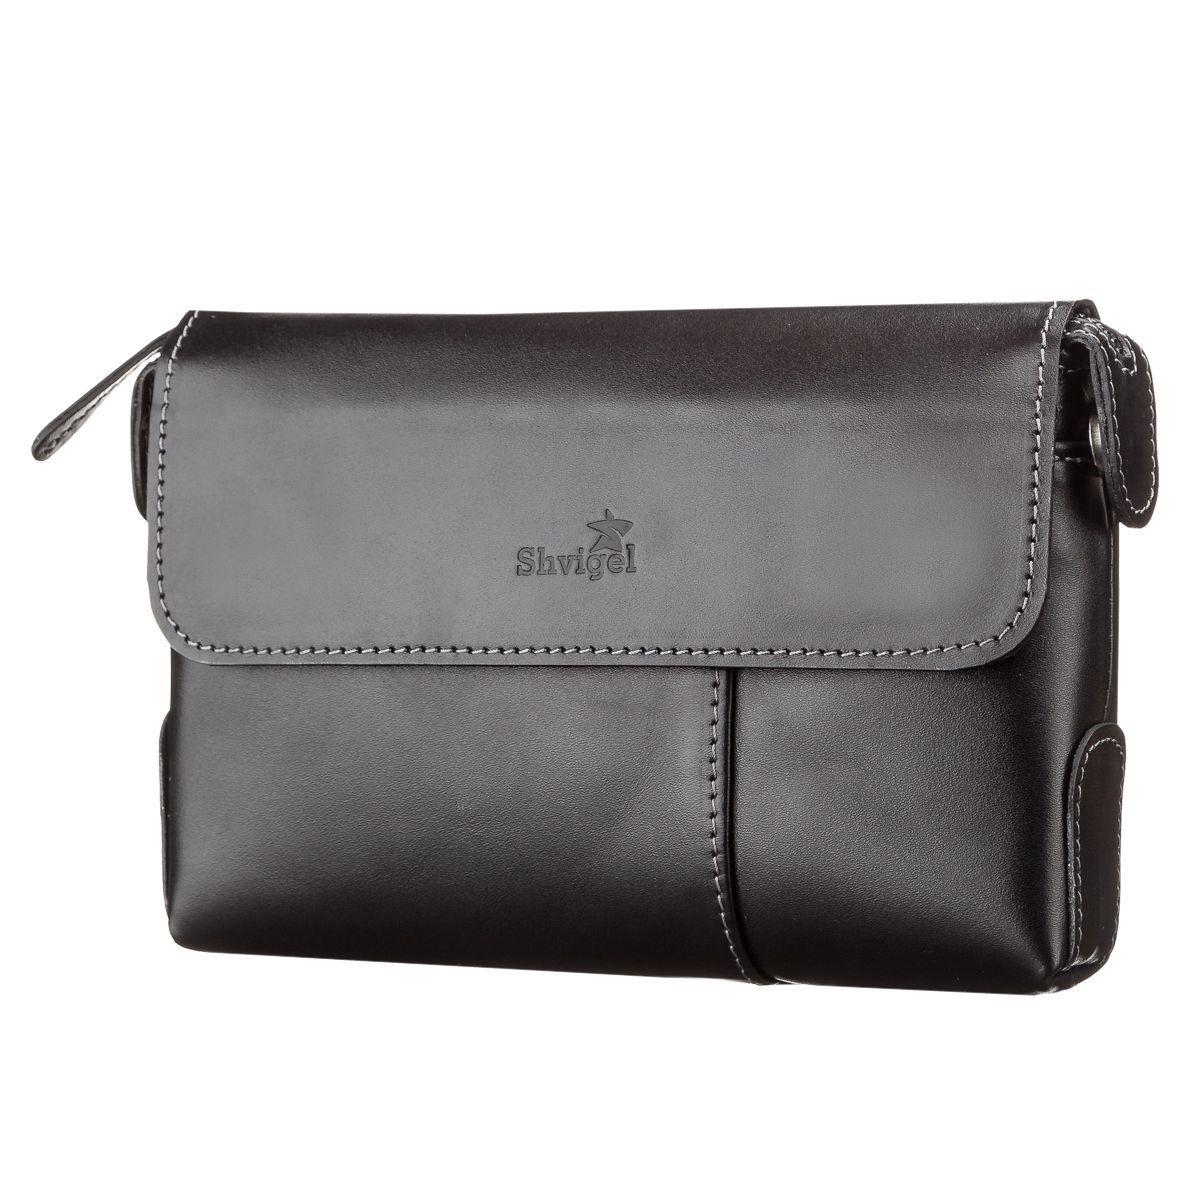 26d8a3ad9787 Мужской клатч SHVIGEL 11084 кожаный Черный, Черный - Цена, купить ...